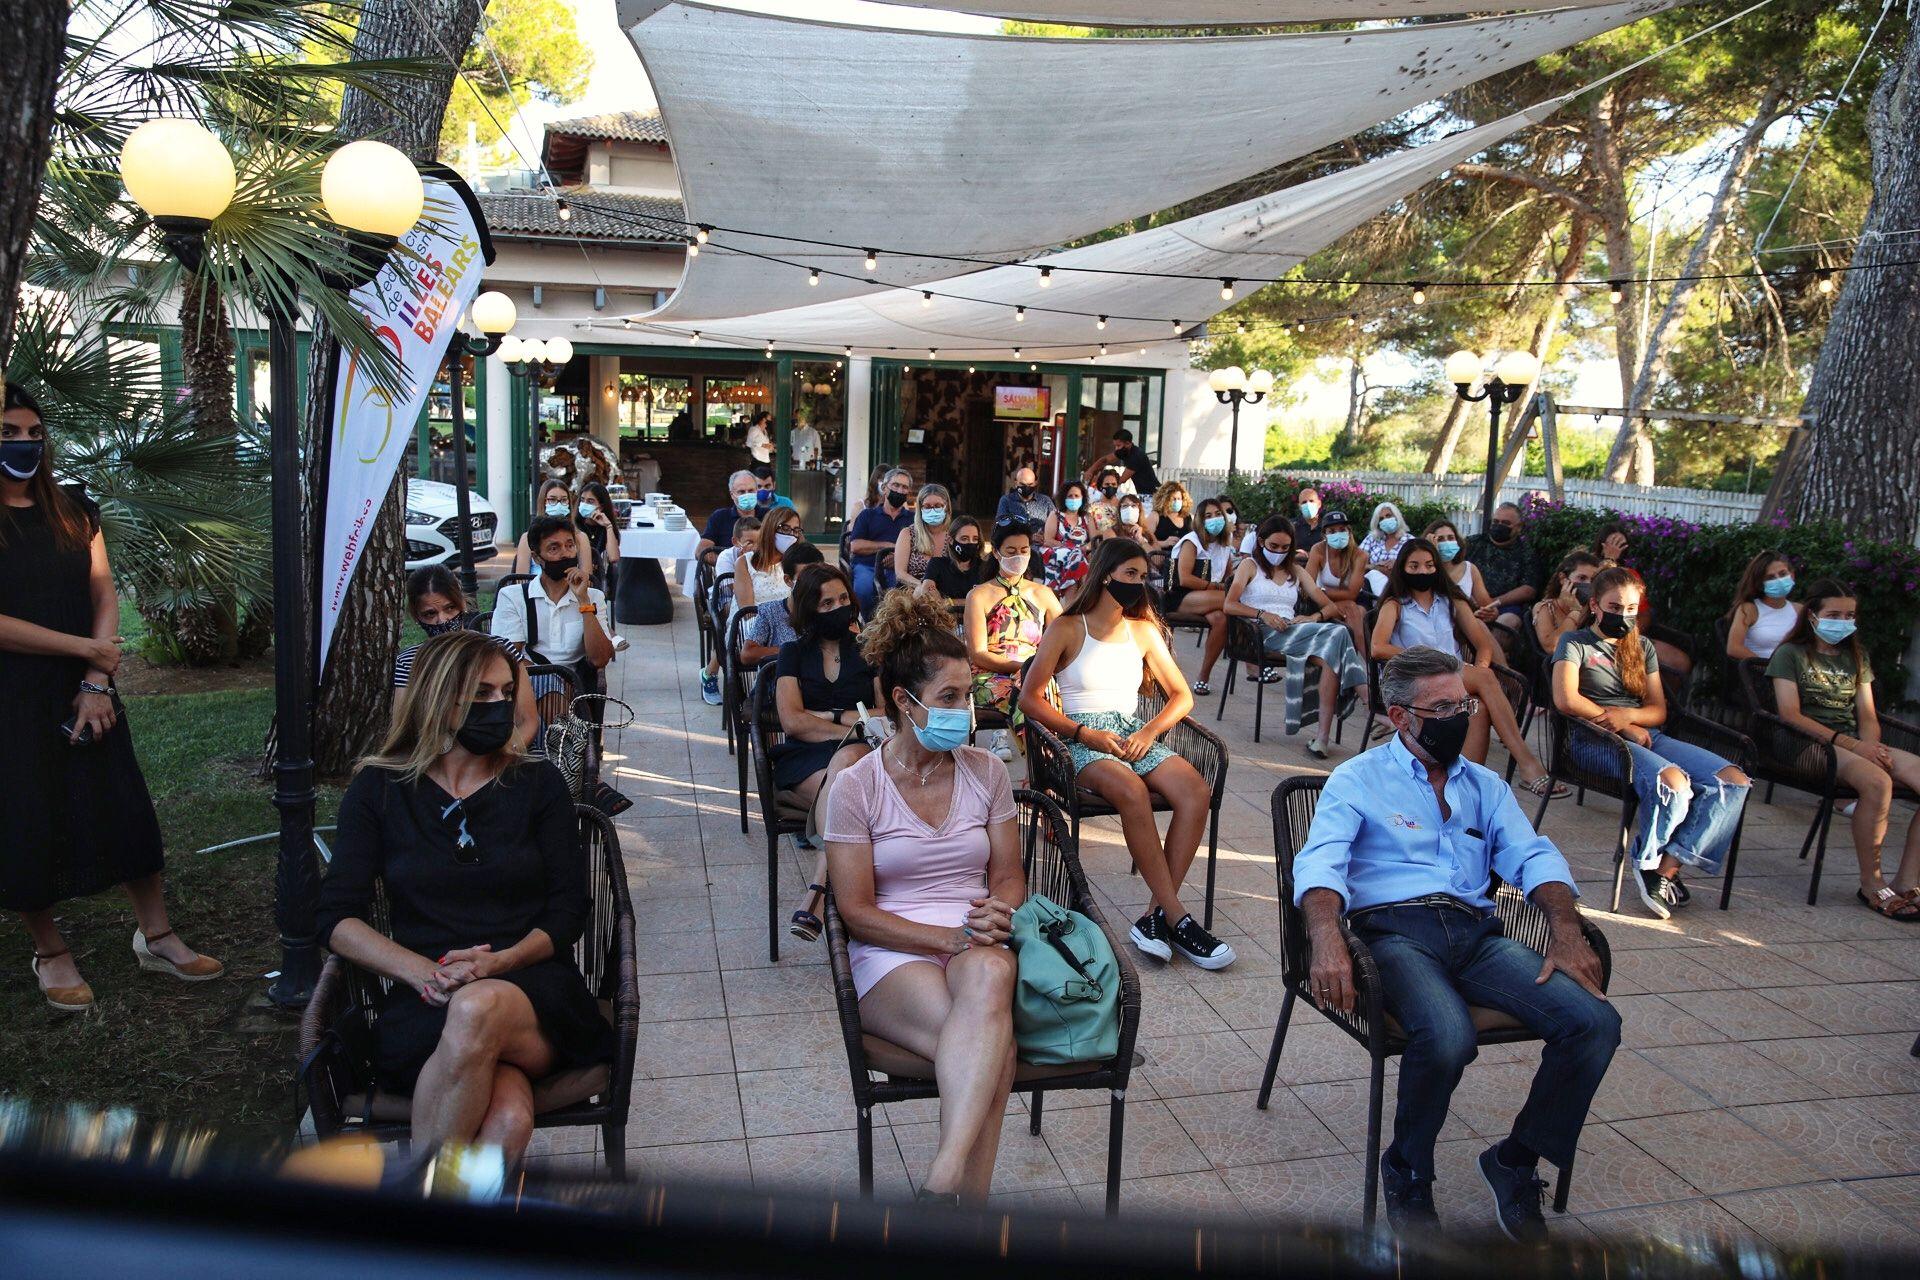 PRESENTADA LA CHALLENGE DE FEMINAS GARDEN HOTELS QUE EMPIEZA ESTE DOMINGO 11 EN BINISSALEM